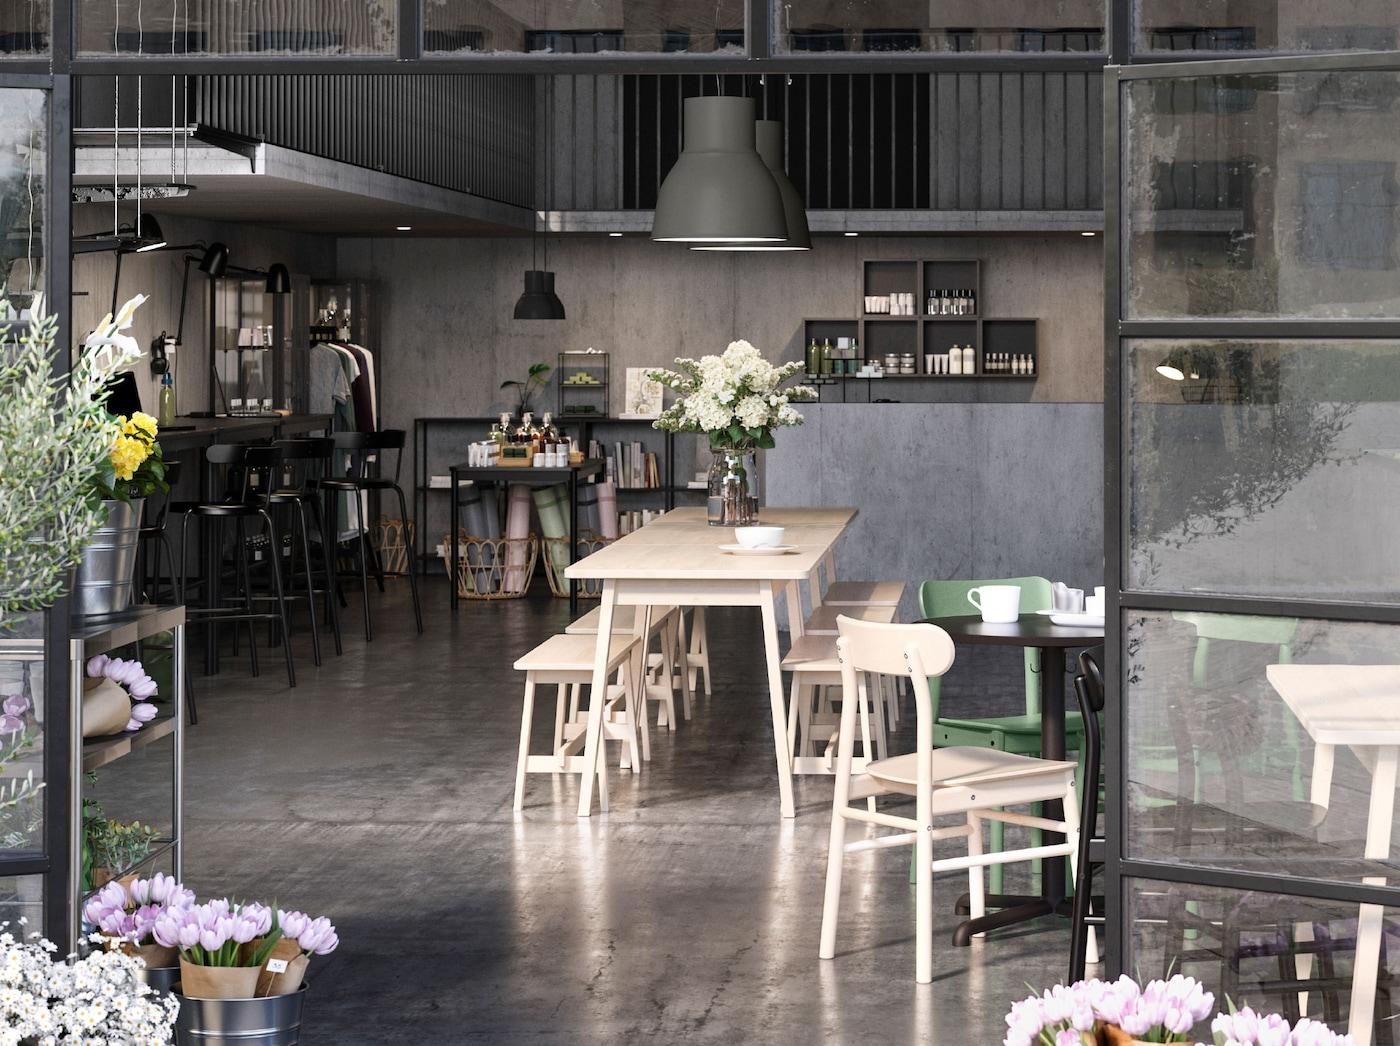 Een open ruimte met café, winkel en werkruimte met geopende glazen deuren. Bloemen staan op tafel en bij de deuren.